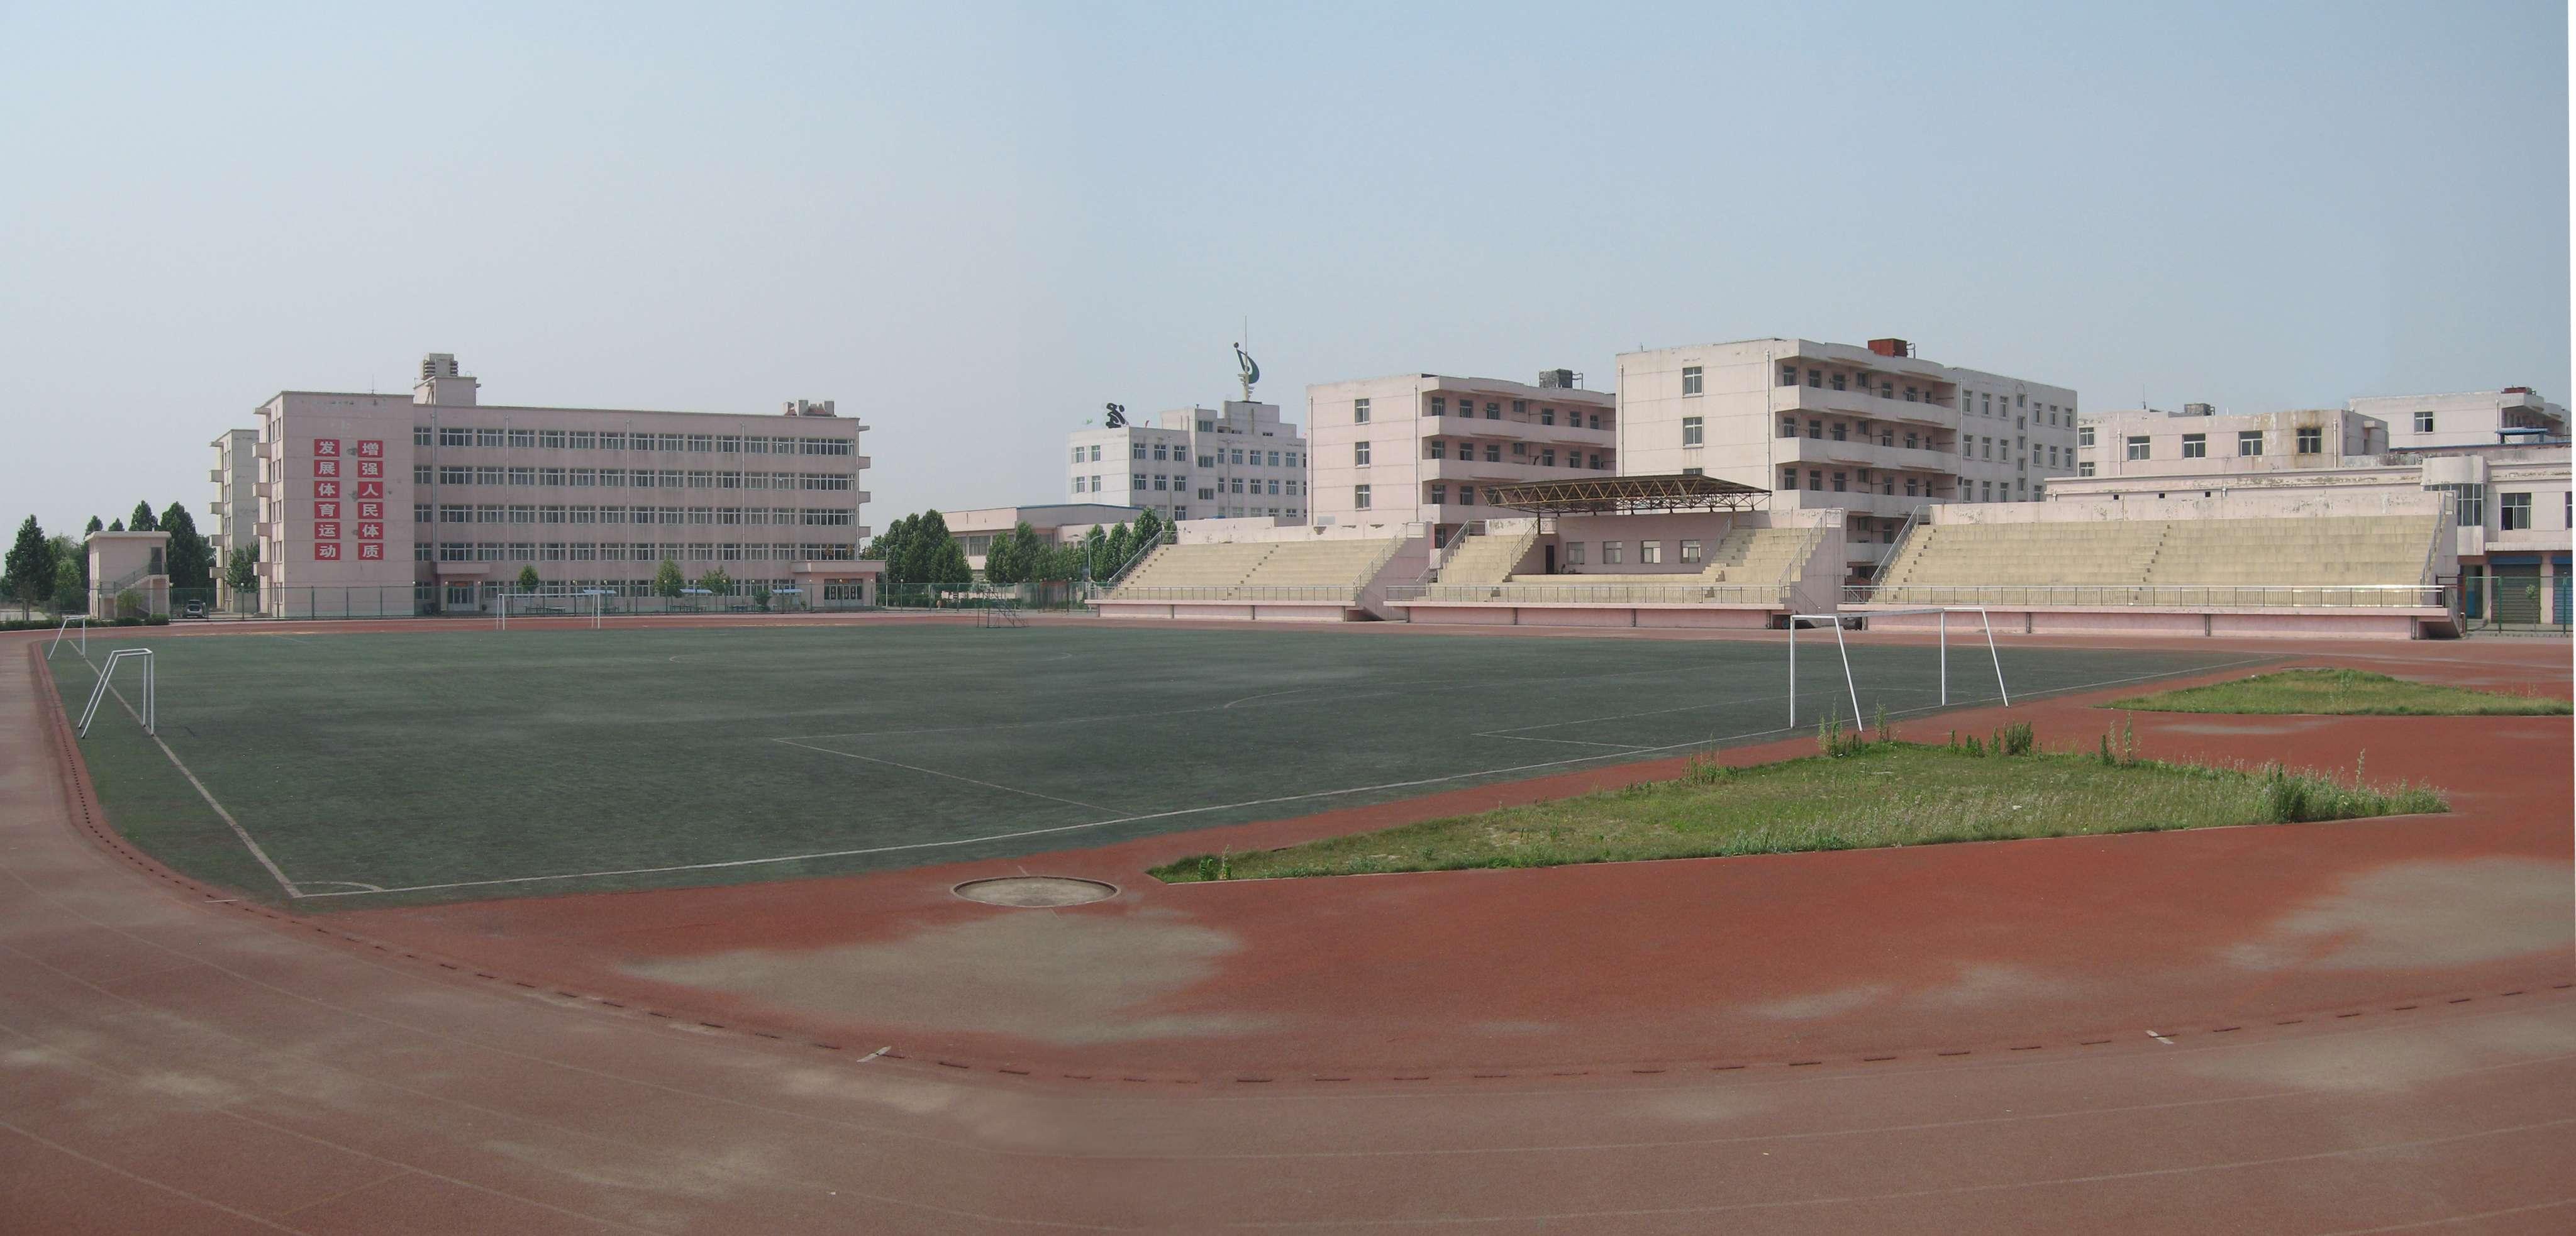 学校要建一个长100米宽50米的长方形操场,请按100分之1的比例尺画